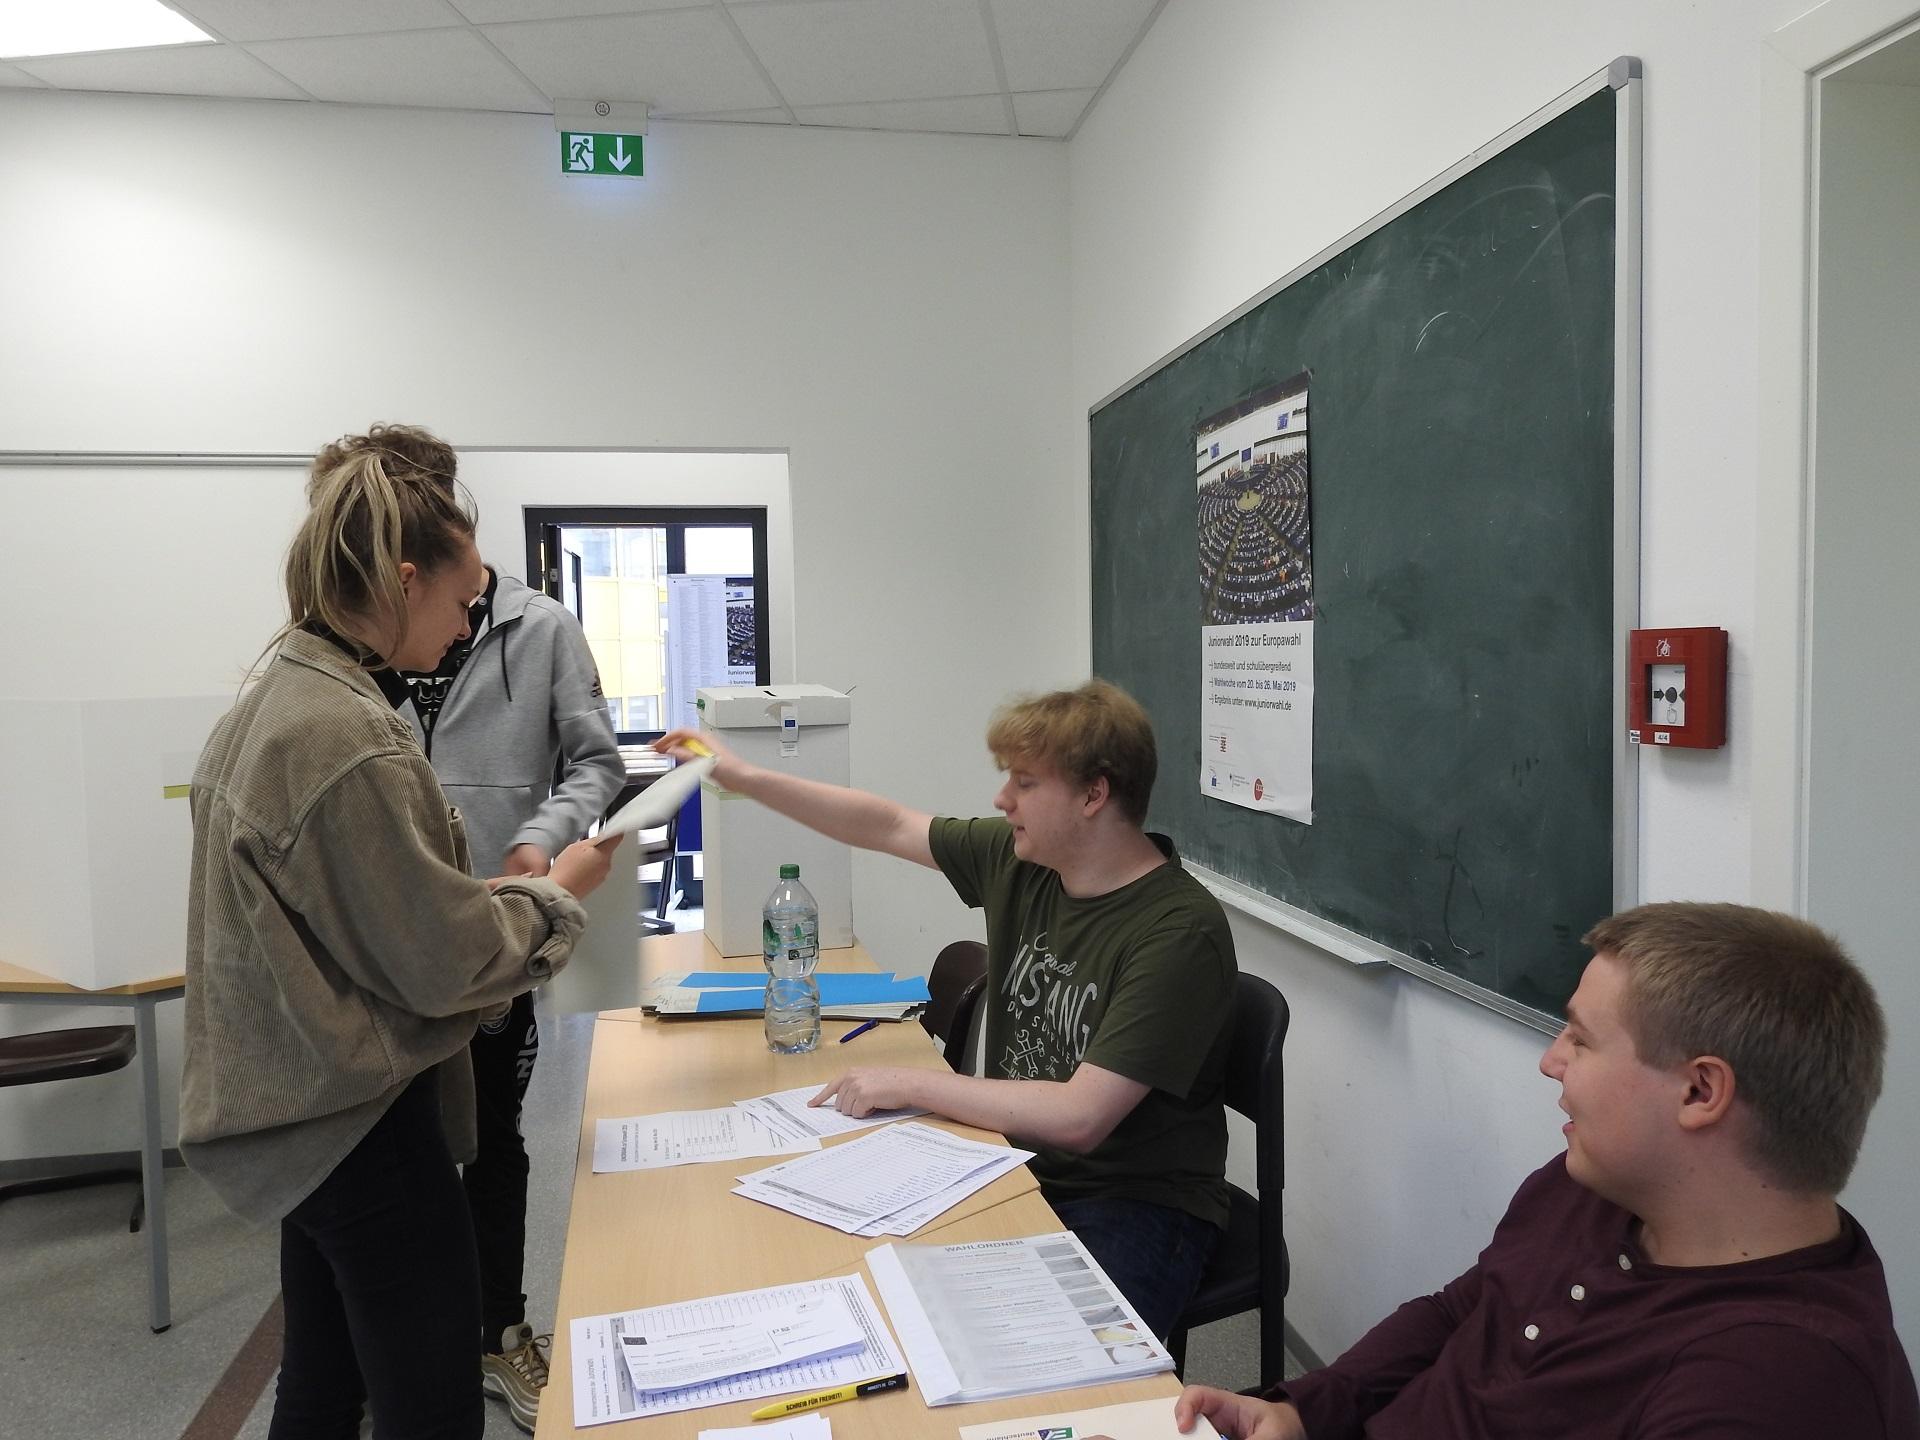 Wir haben gewählt! – Juniorwahl zur Europäischen Union